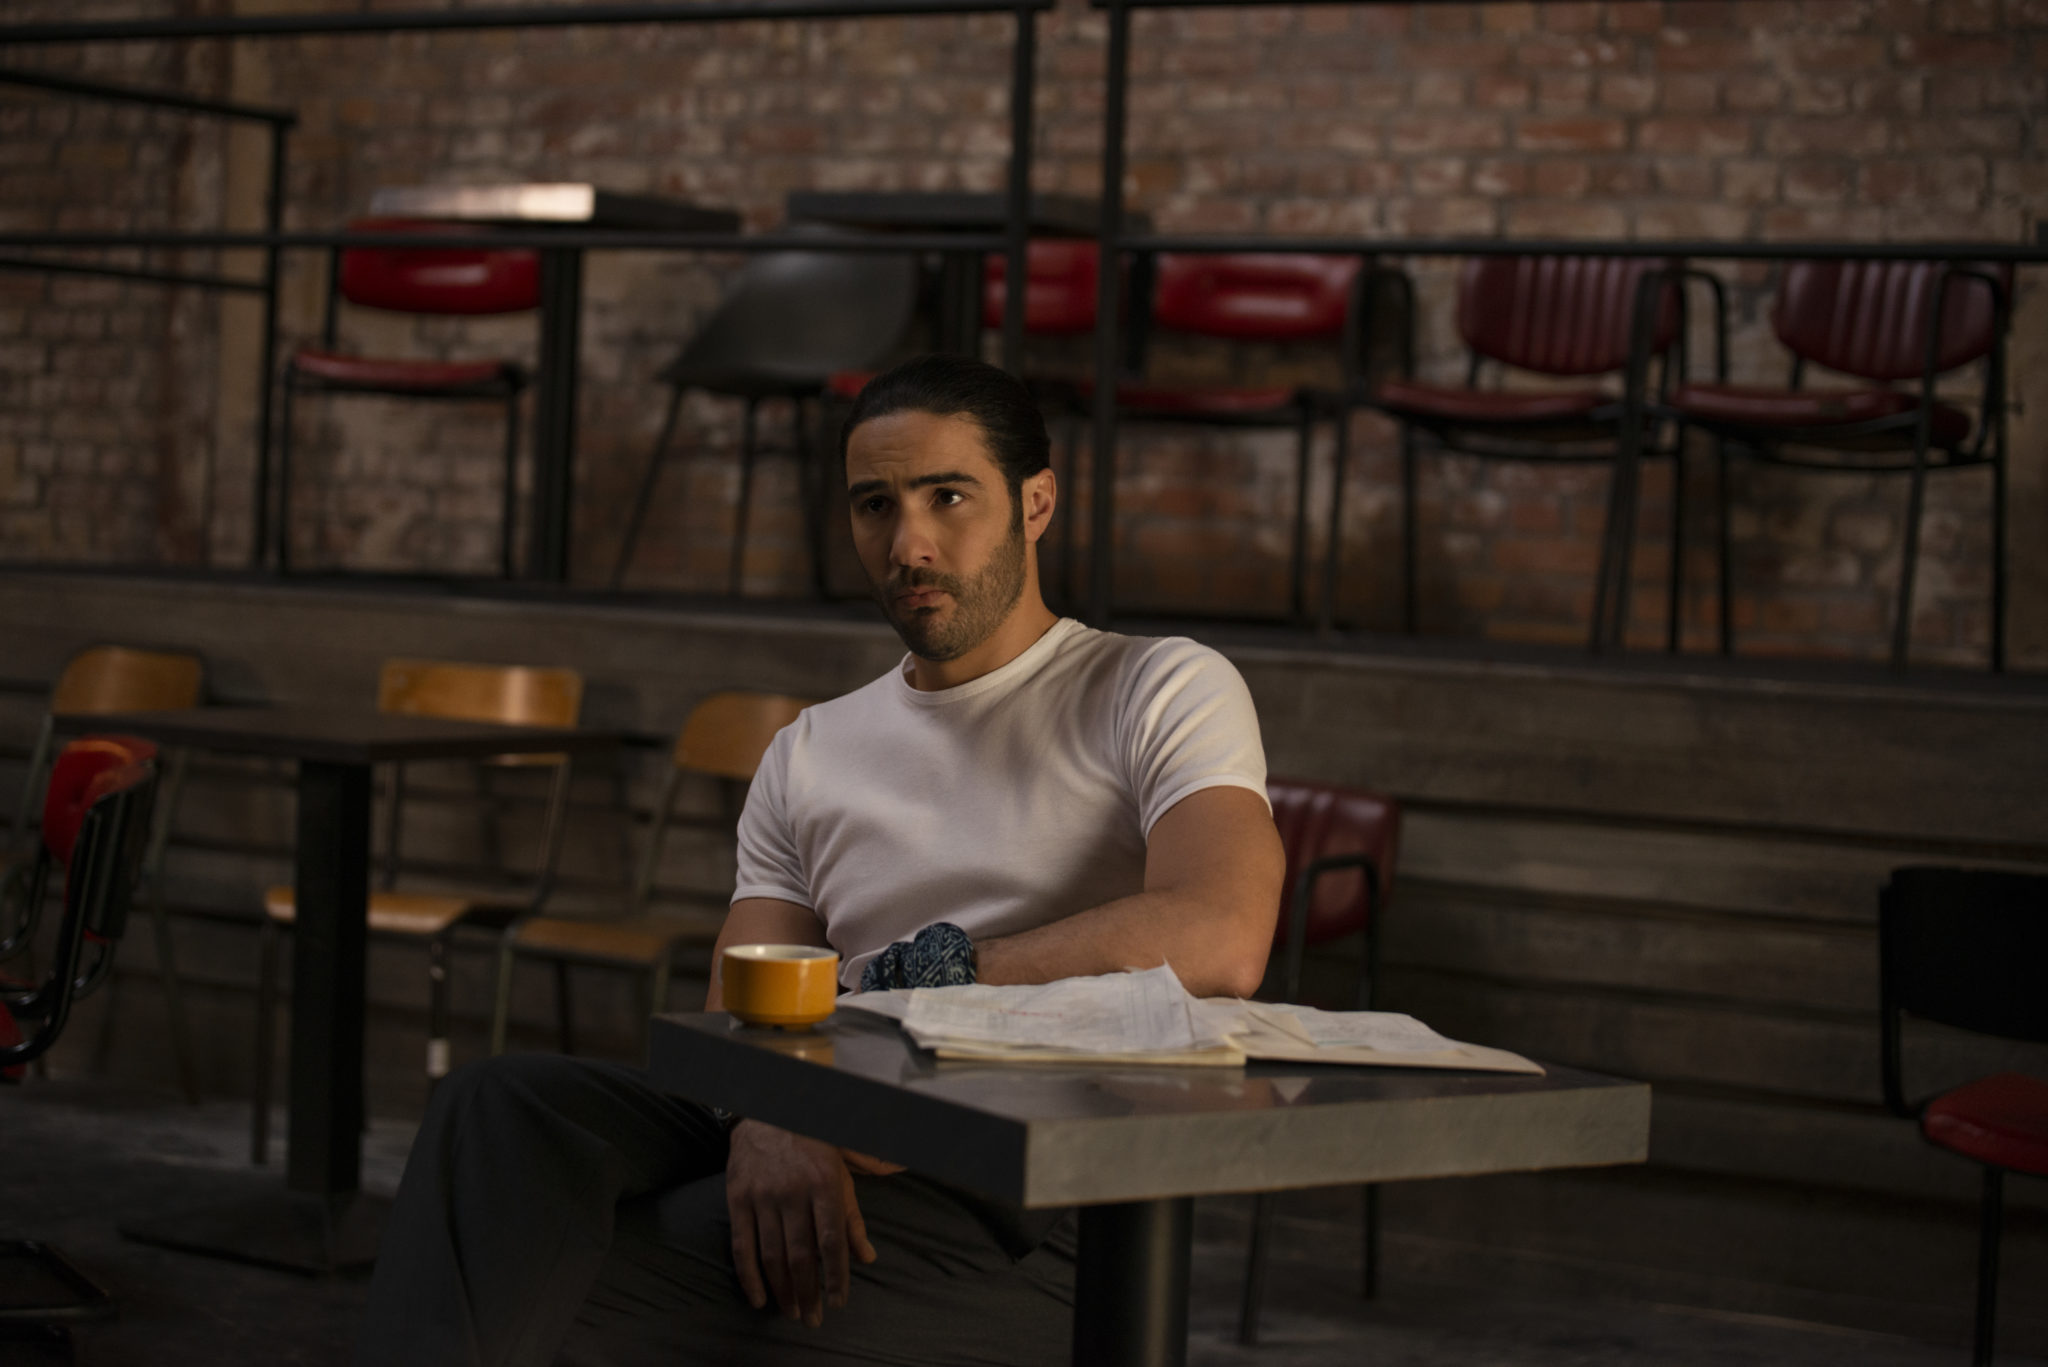 Farid sitzt in The Eddy alleine an einem Tisch im verlassenen Jazzclub, im Hintergrund leere Sitzreihen, auf dem Tisch eine Tasse und diverse Papiere